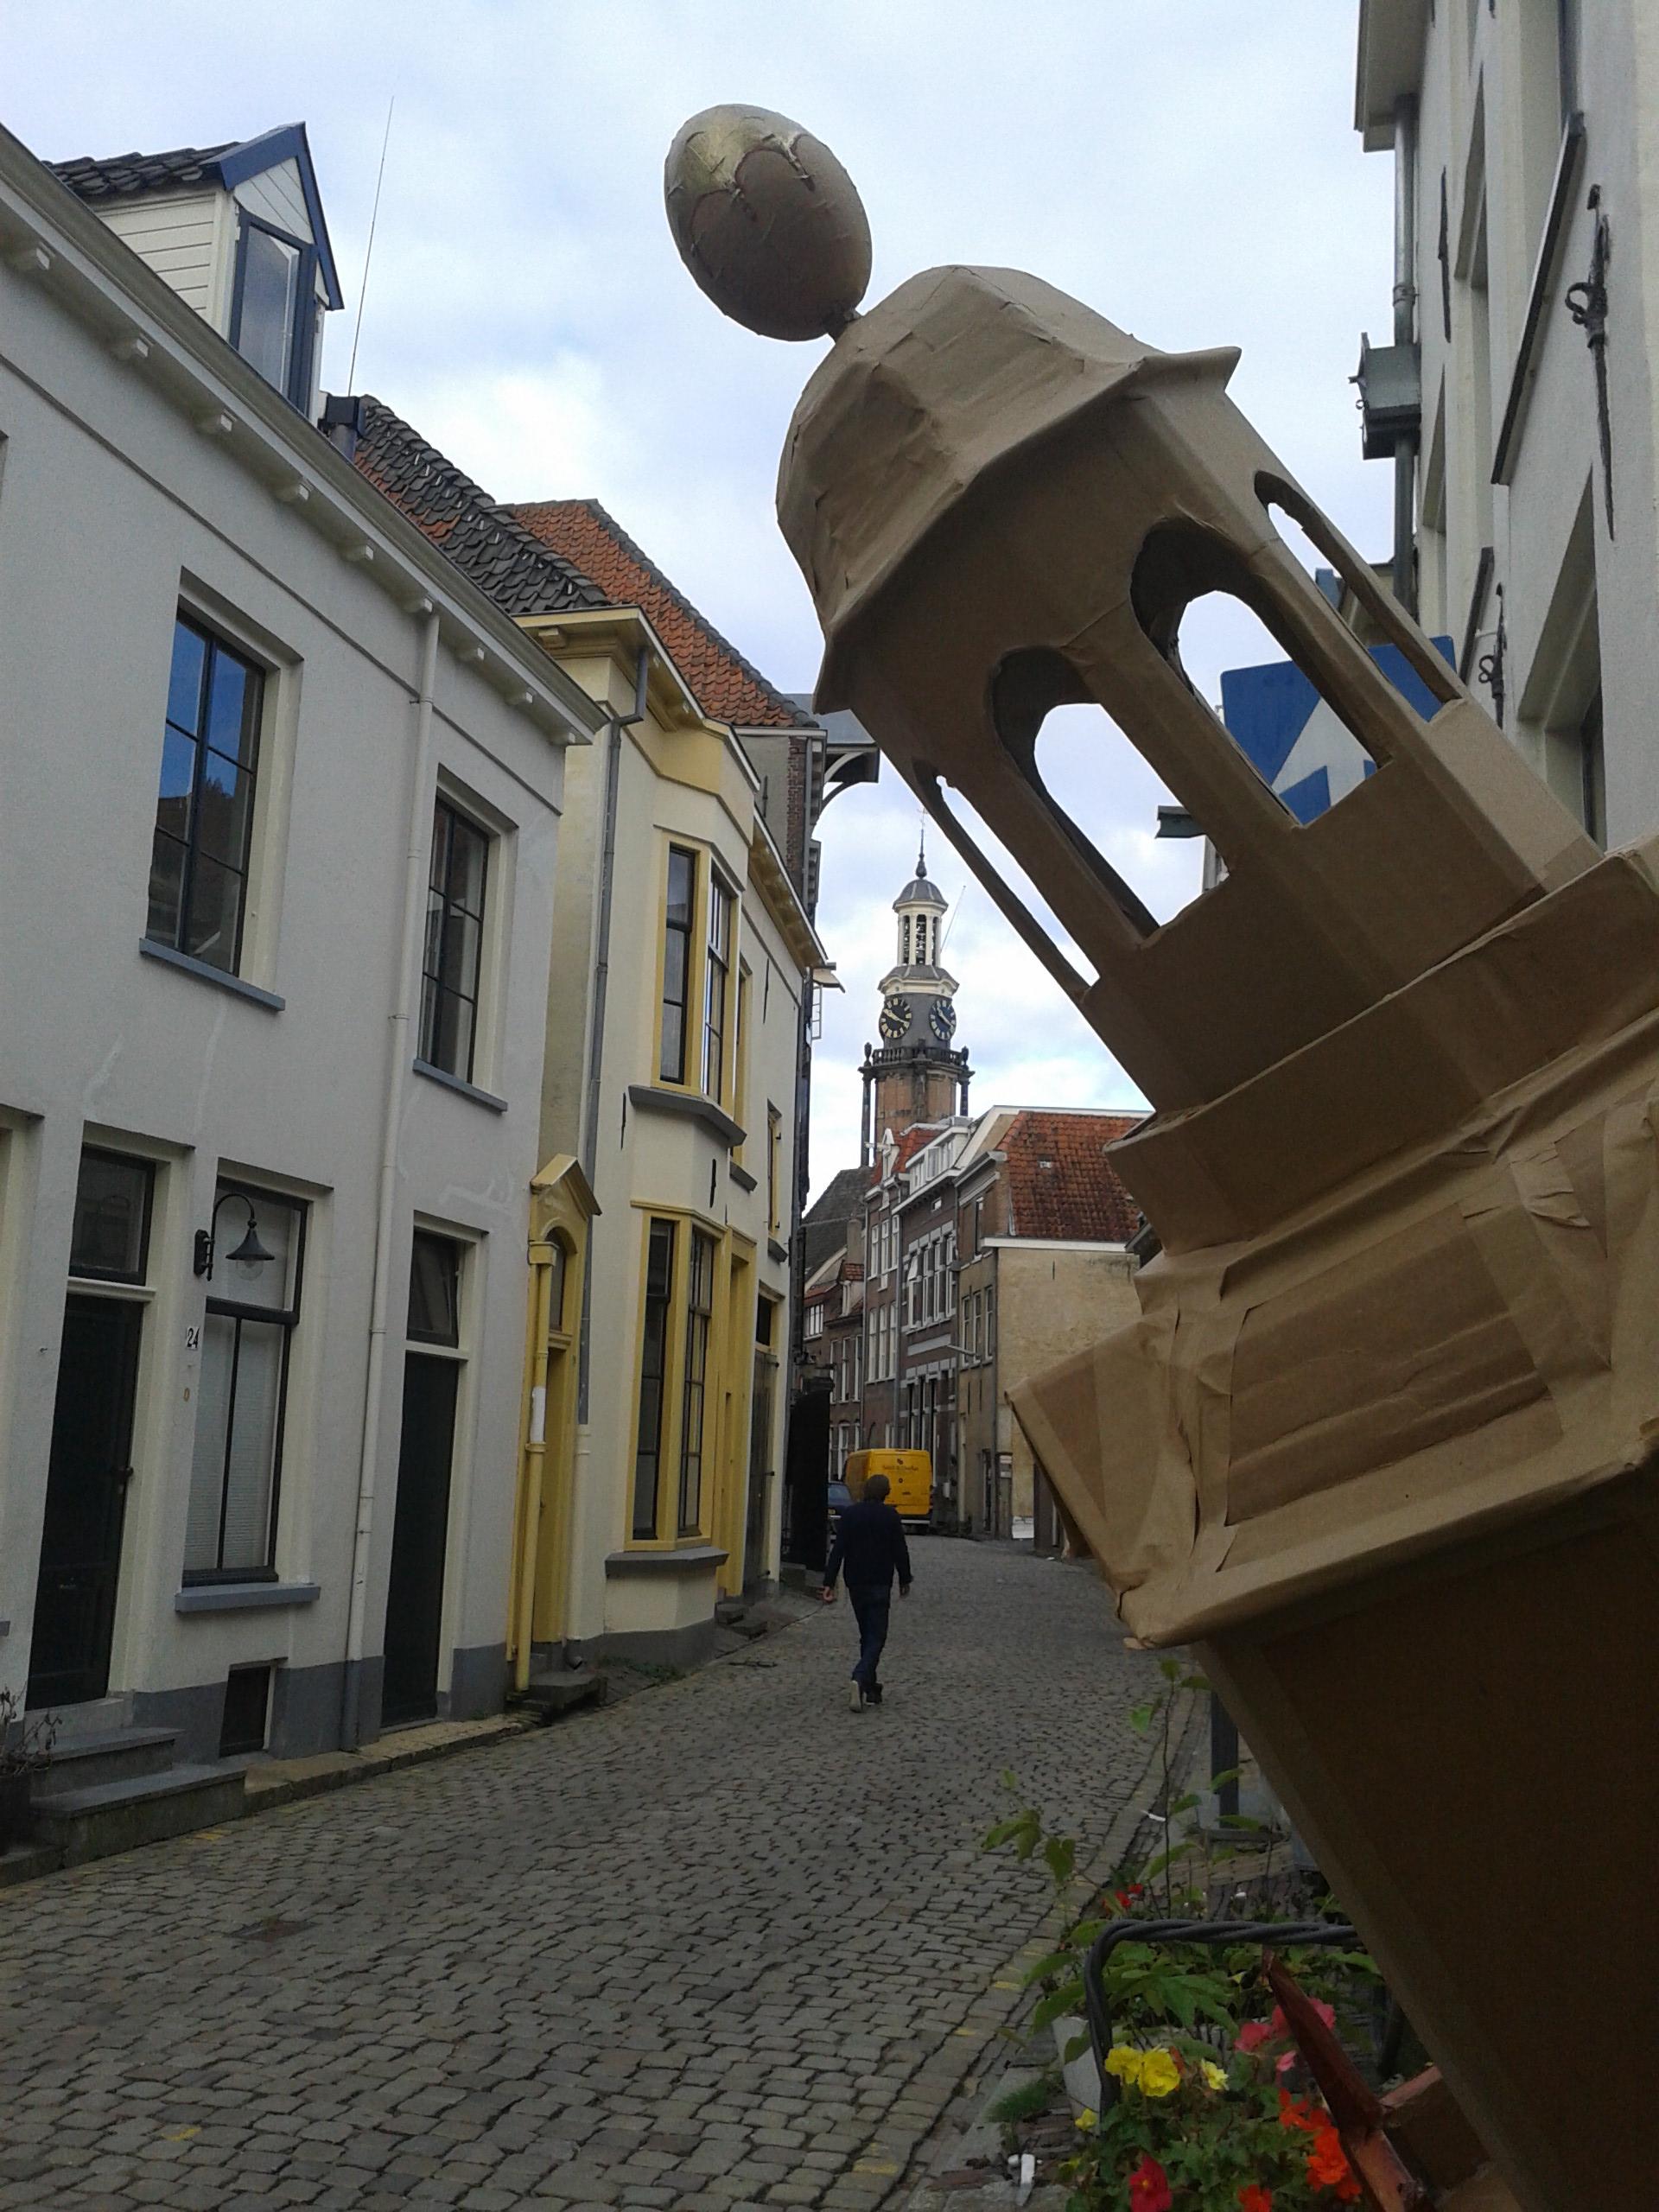 Toren in de torenstraat - Sylvie Uenk